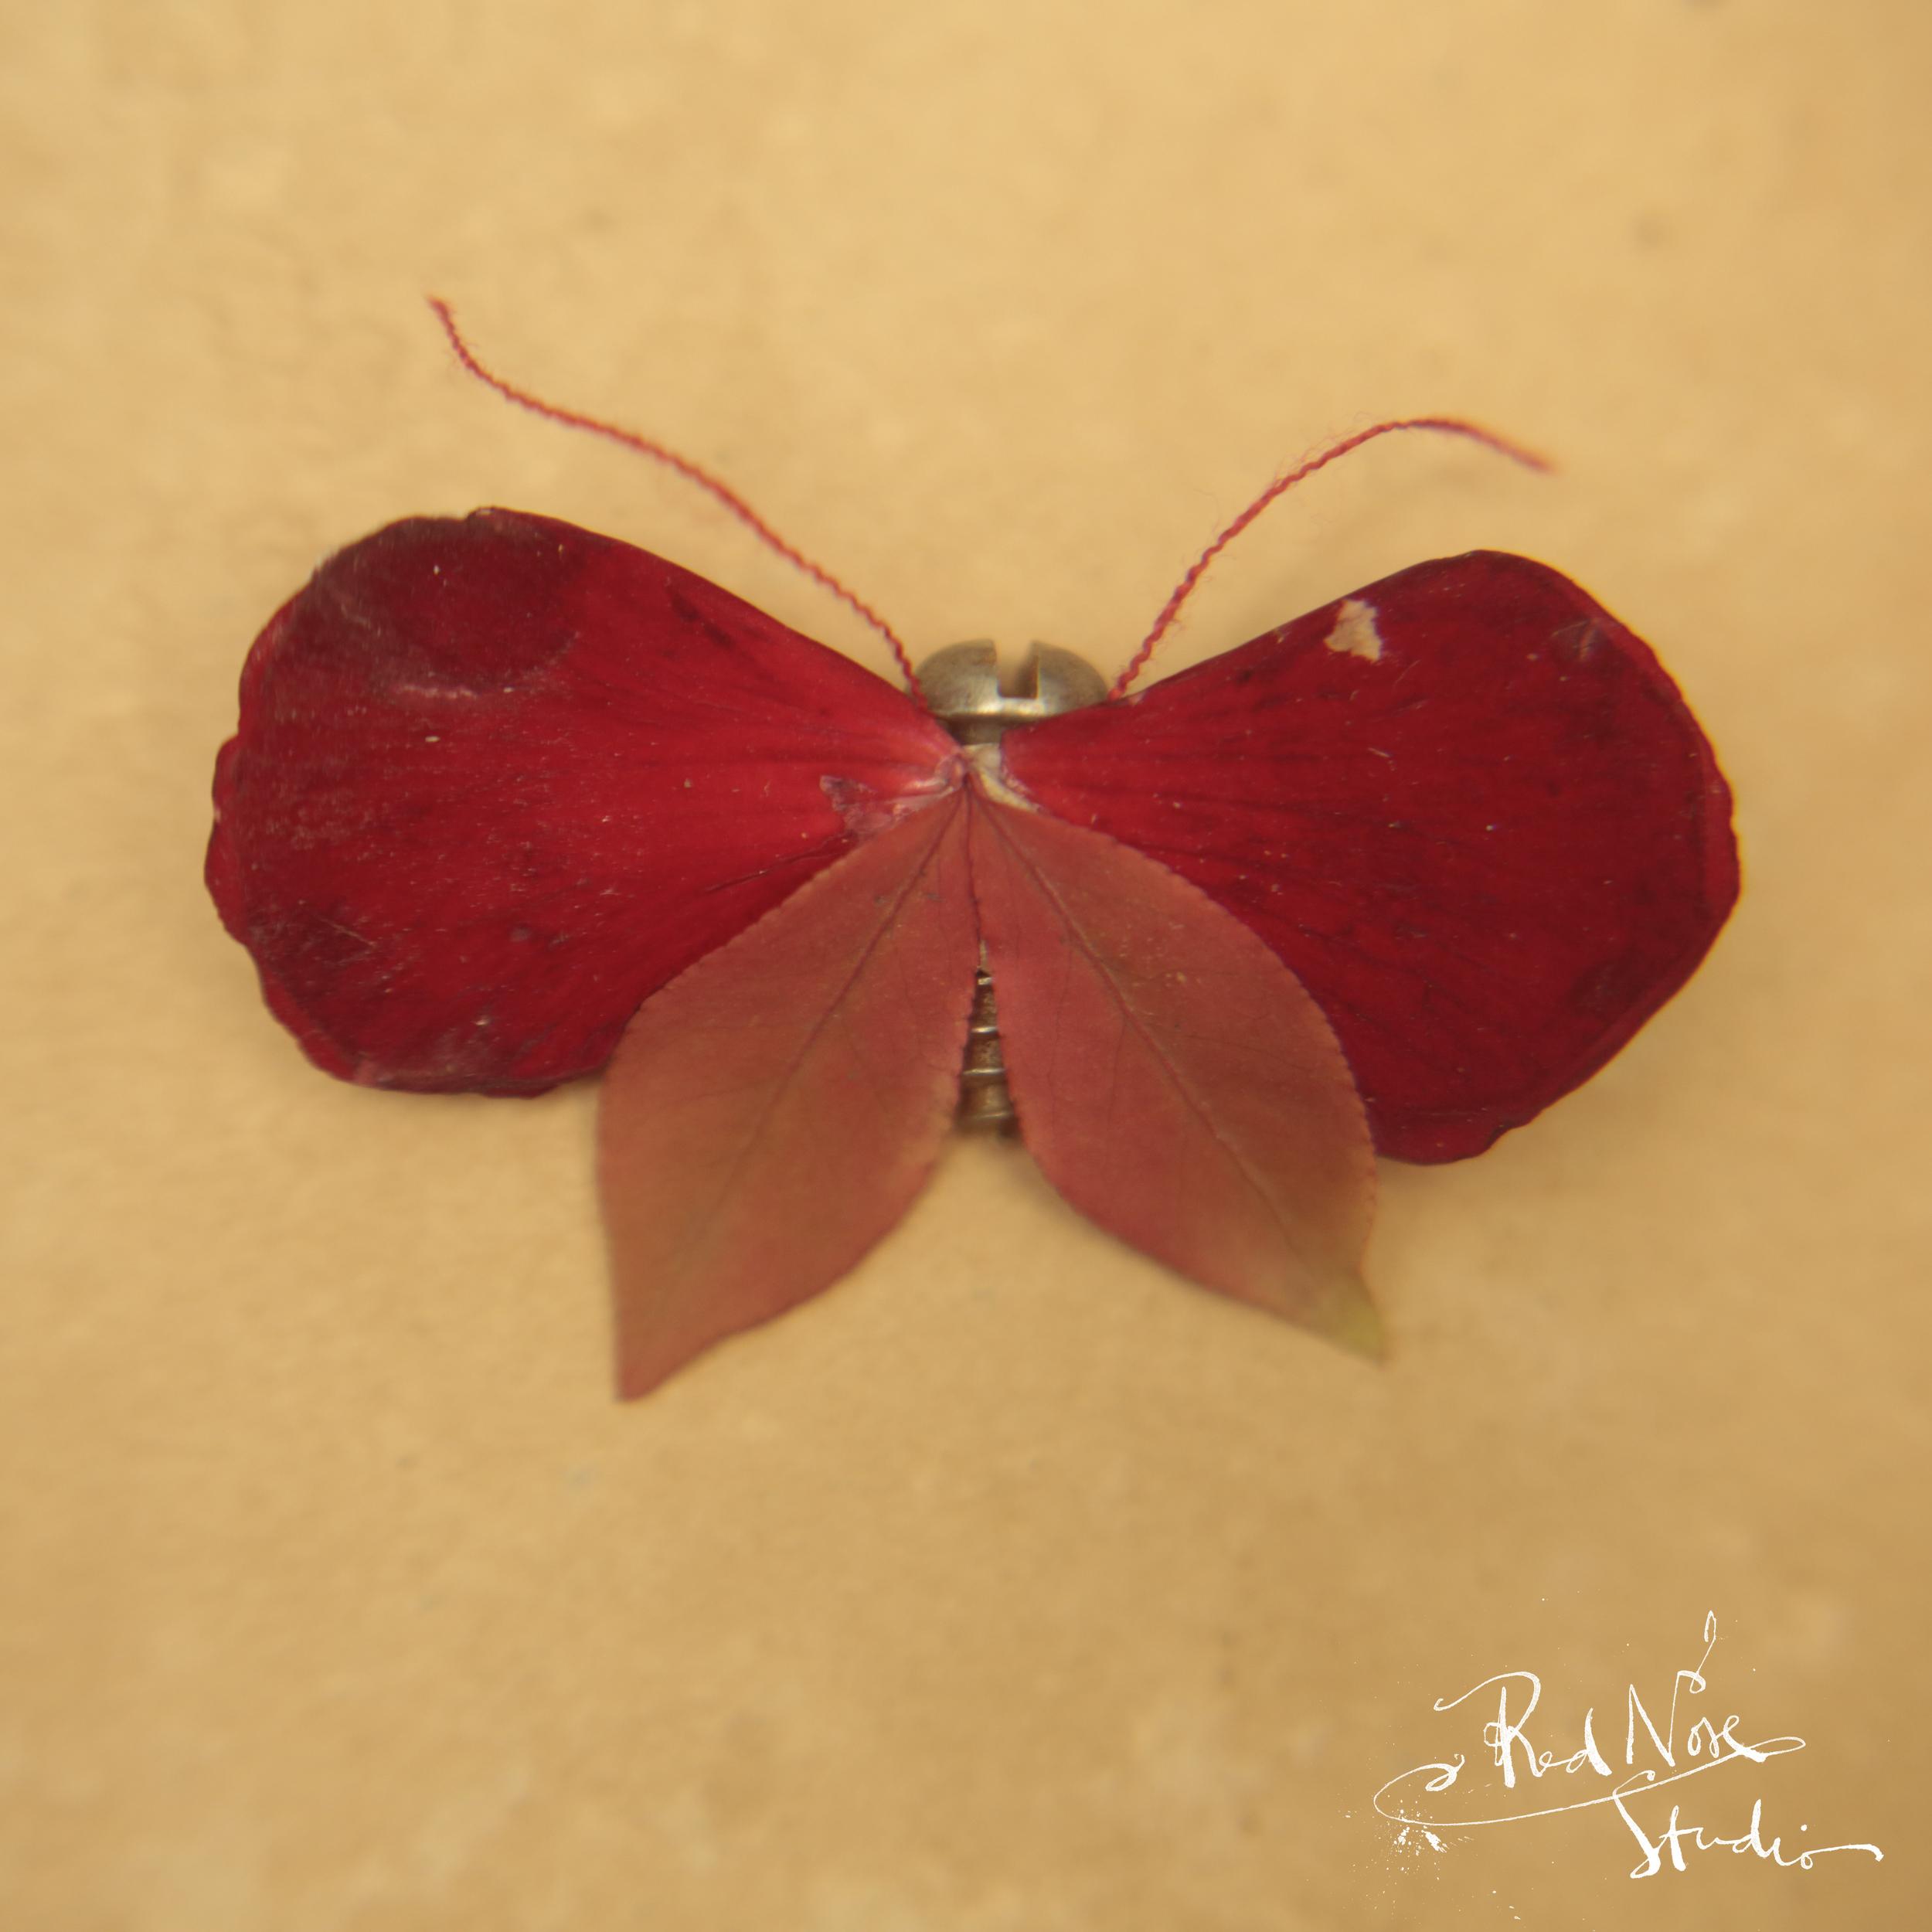 RedNose_MOTH_CrimsonGerainiumous.jpg